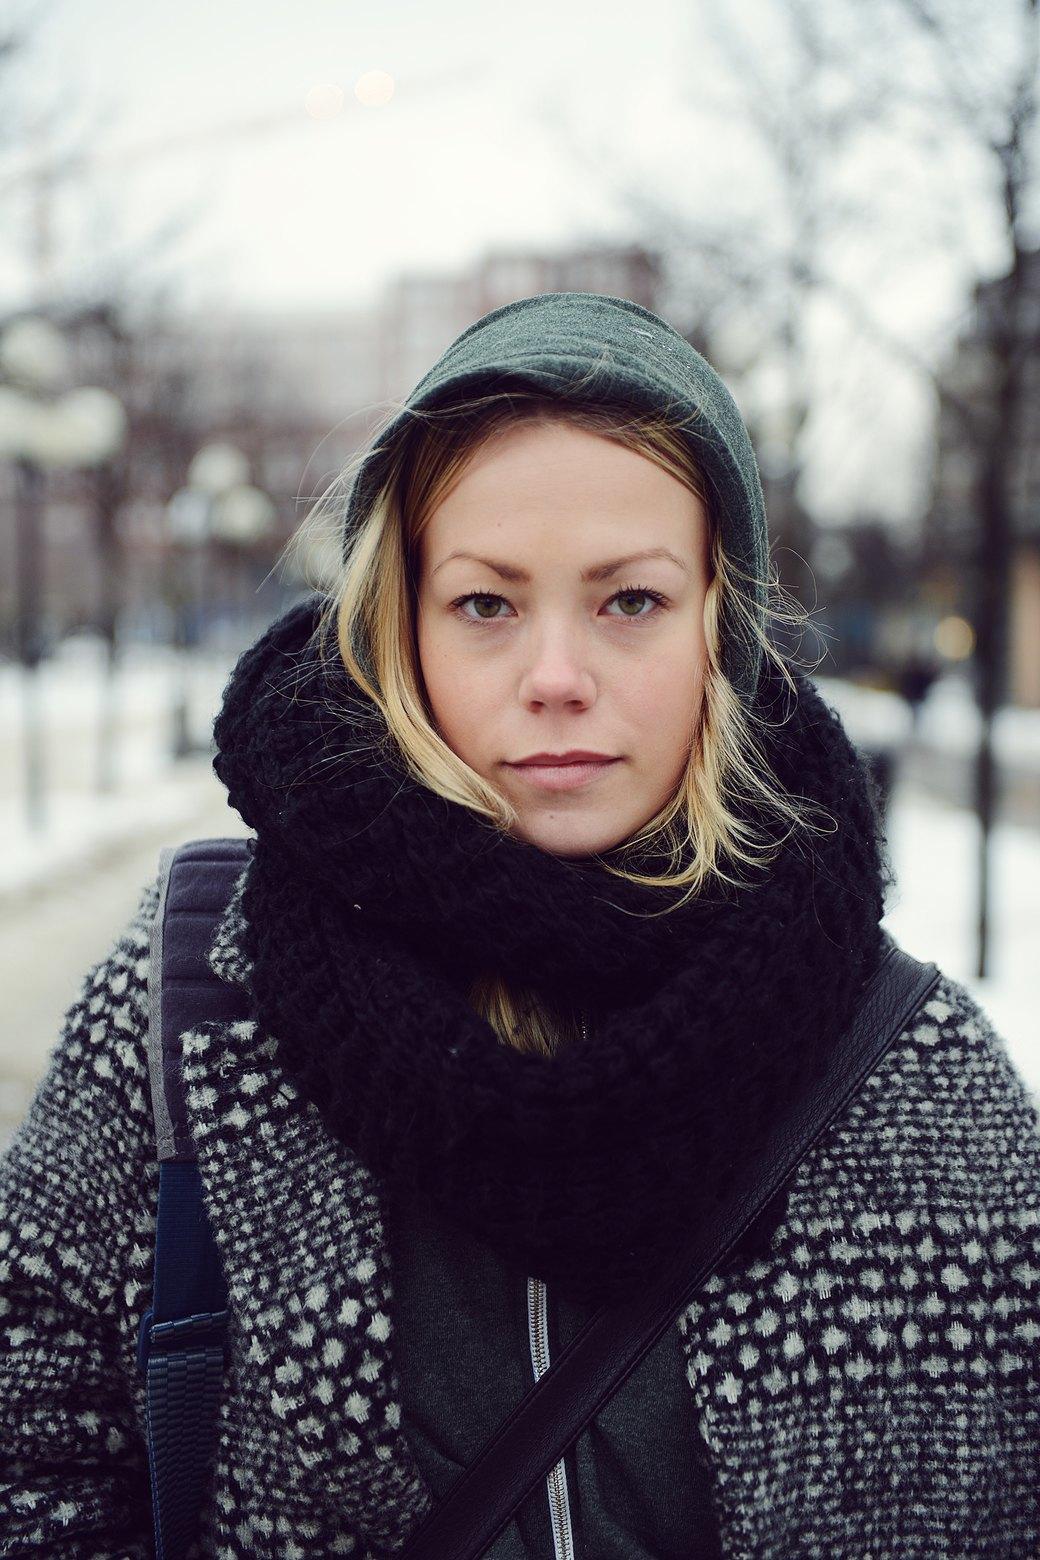 Шубы и горох на Stockholm Fashion Week. Изображение № 7.